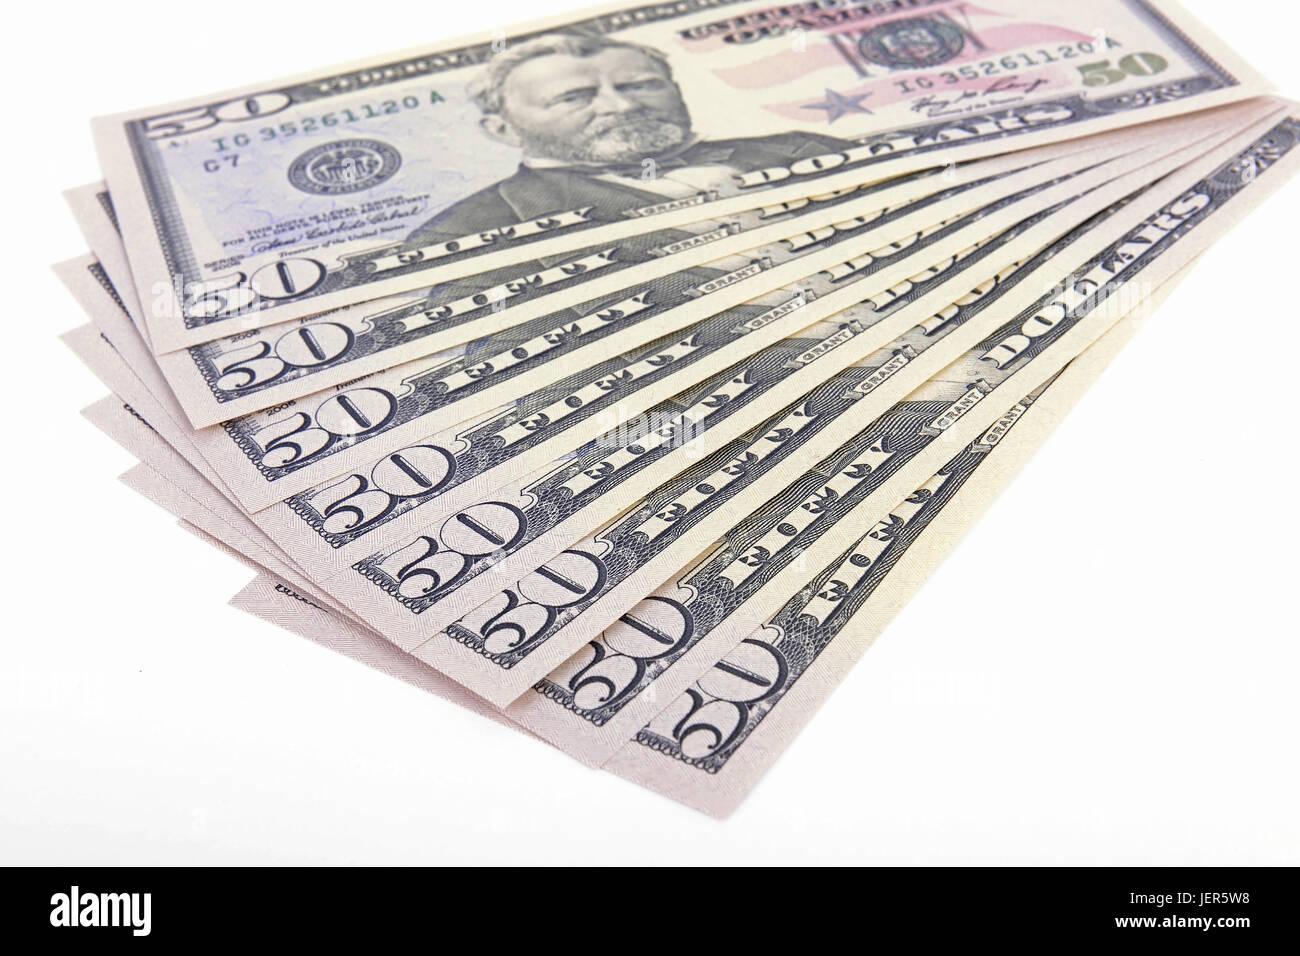 Several 50 dollar notes, fields, fanned out, Mehrere 50 Dollarscheine , Fächer, aufgefächert - Stock Image